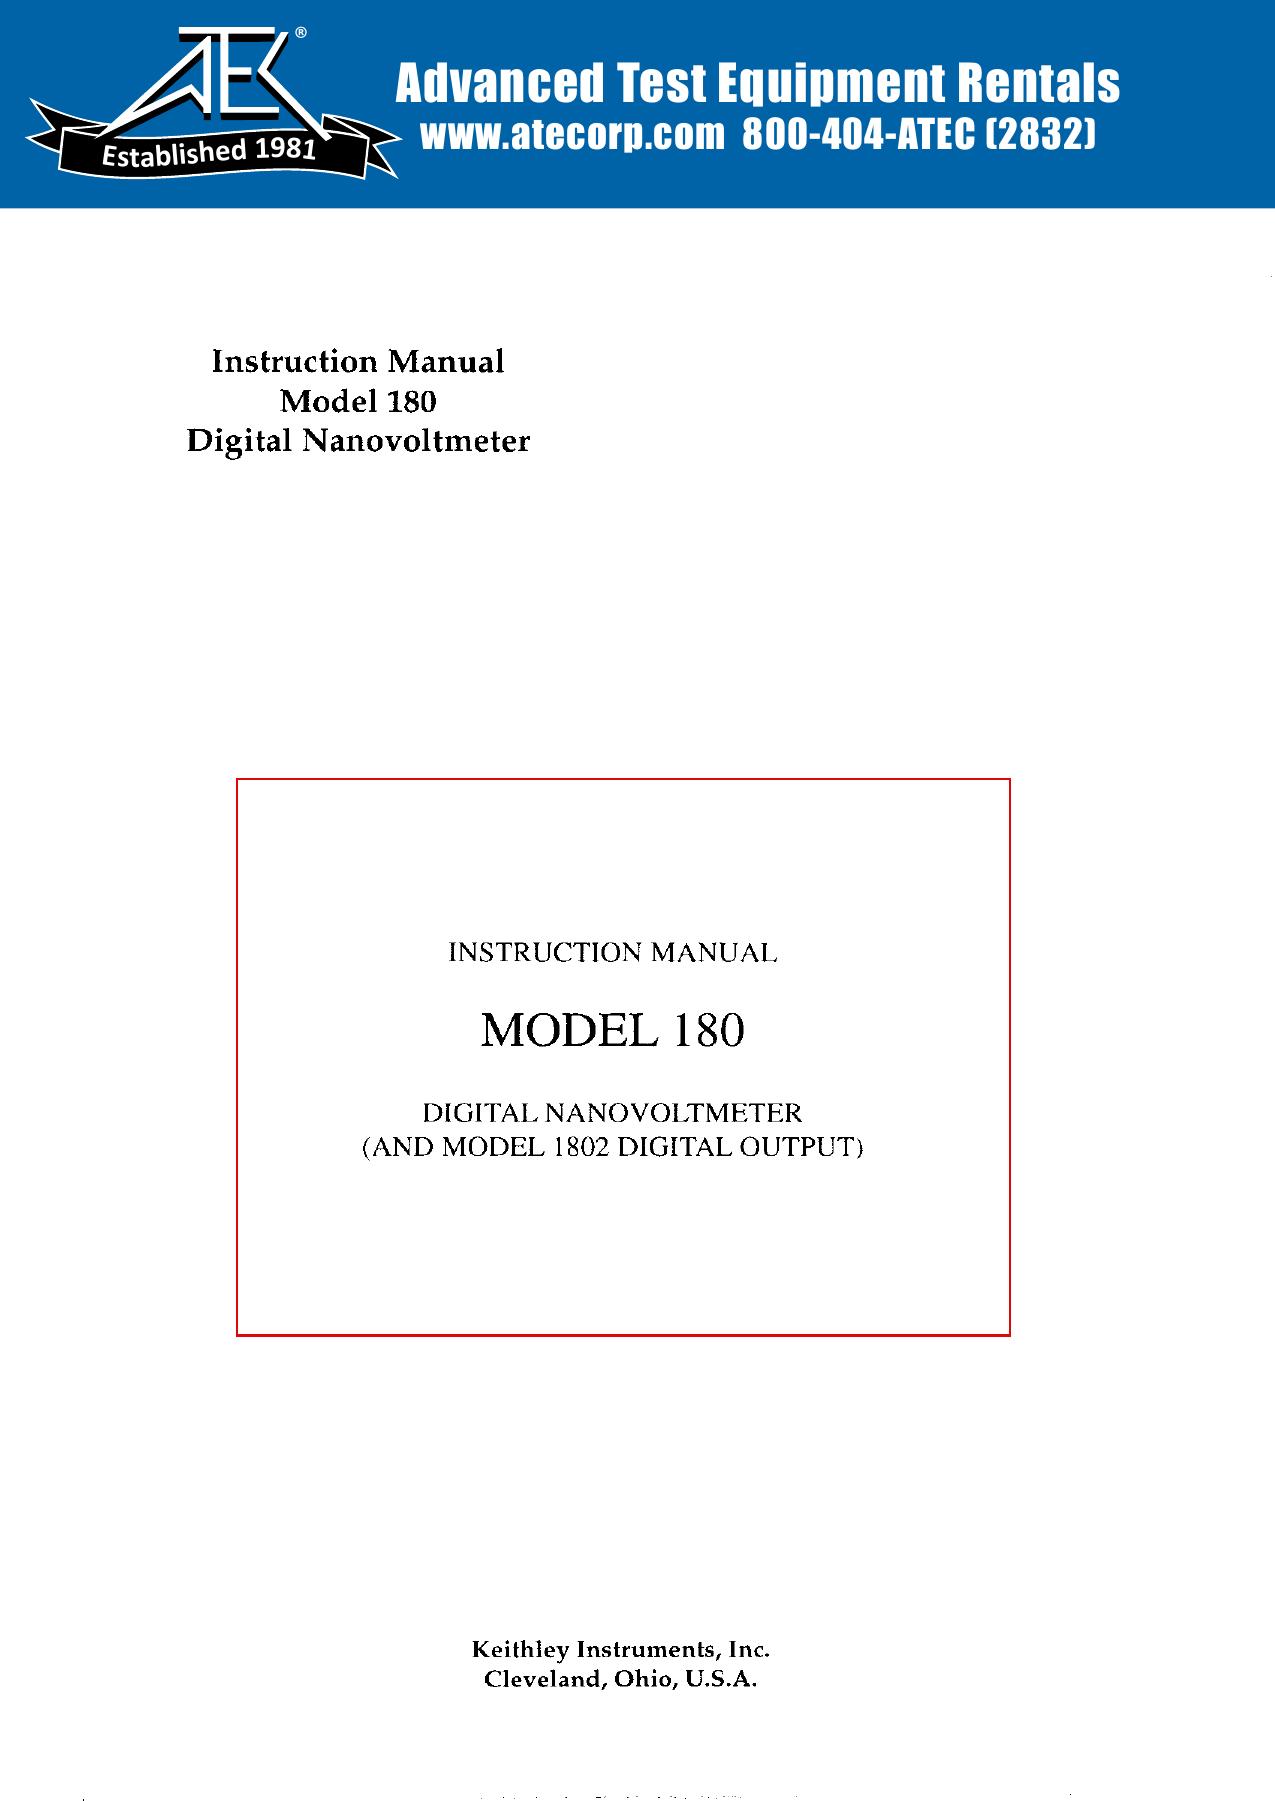 Advanced Test Equipment Rentals   manualzz com